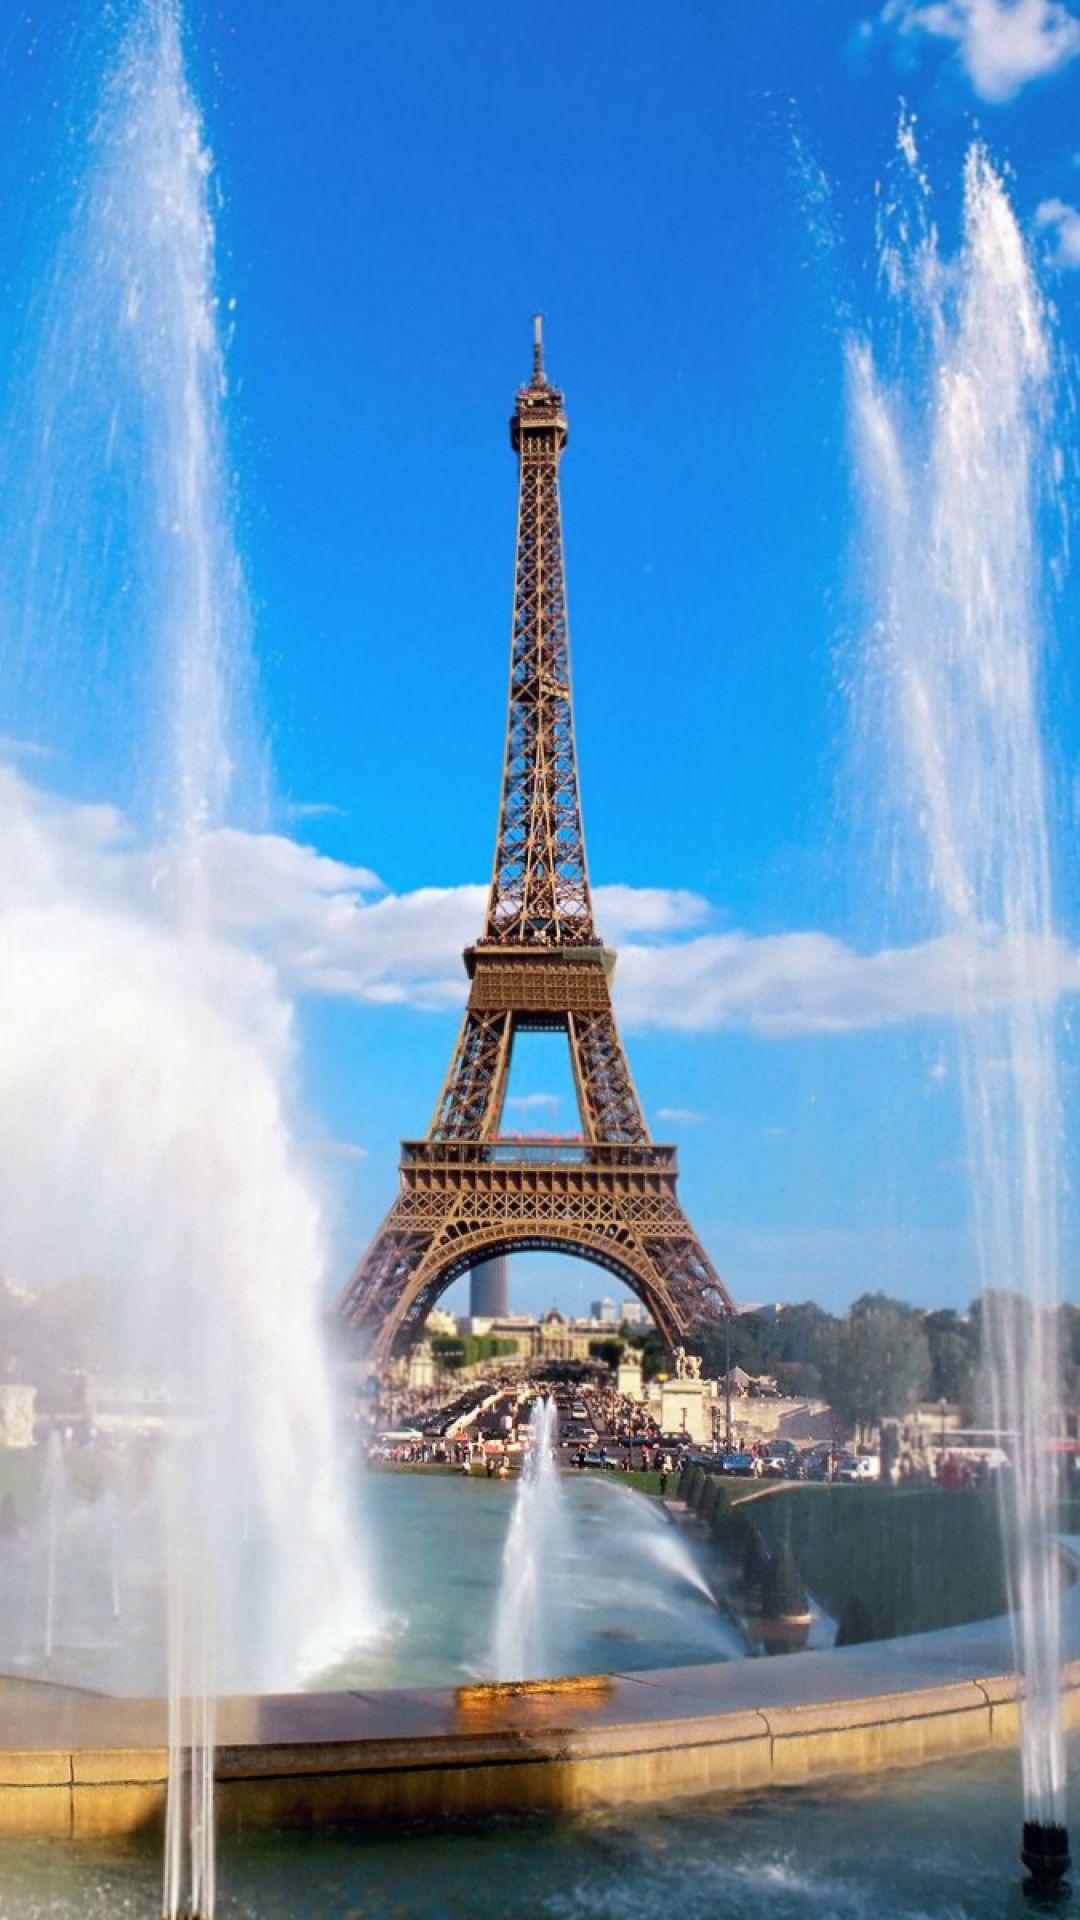 eiffel tower, fountain, paris, france, sky